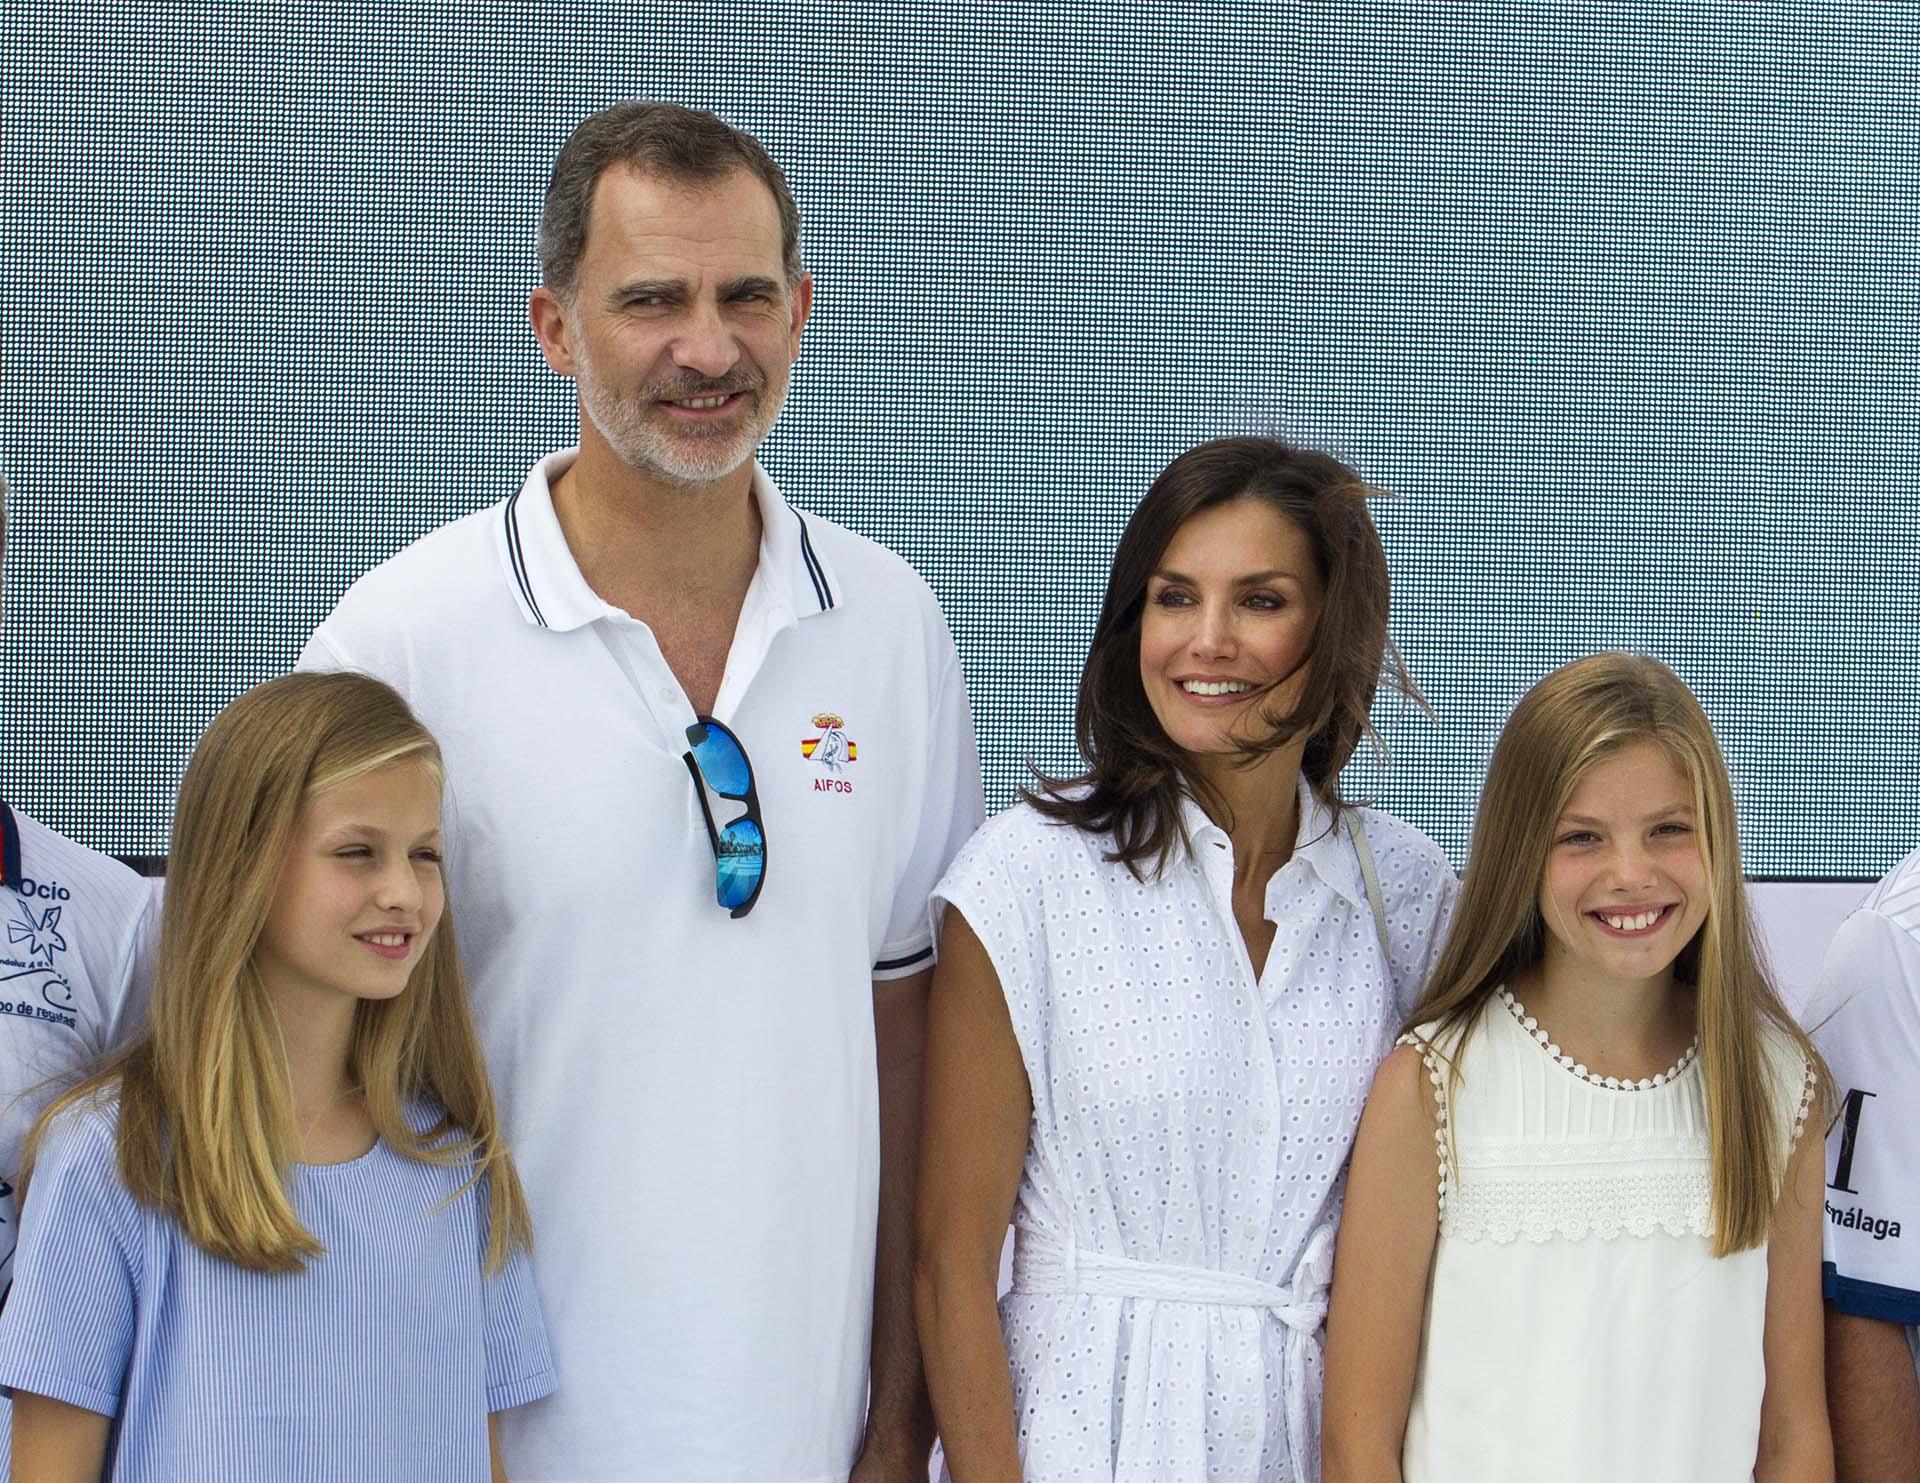 La foto oficial de la familia real española, el rey Felipe VI, Letizia y Leonor y Sofía